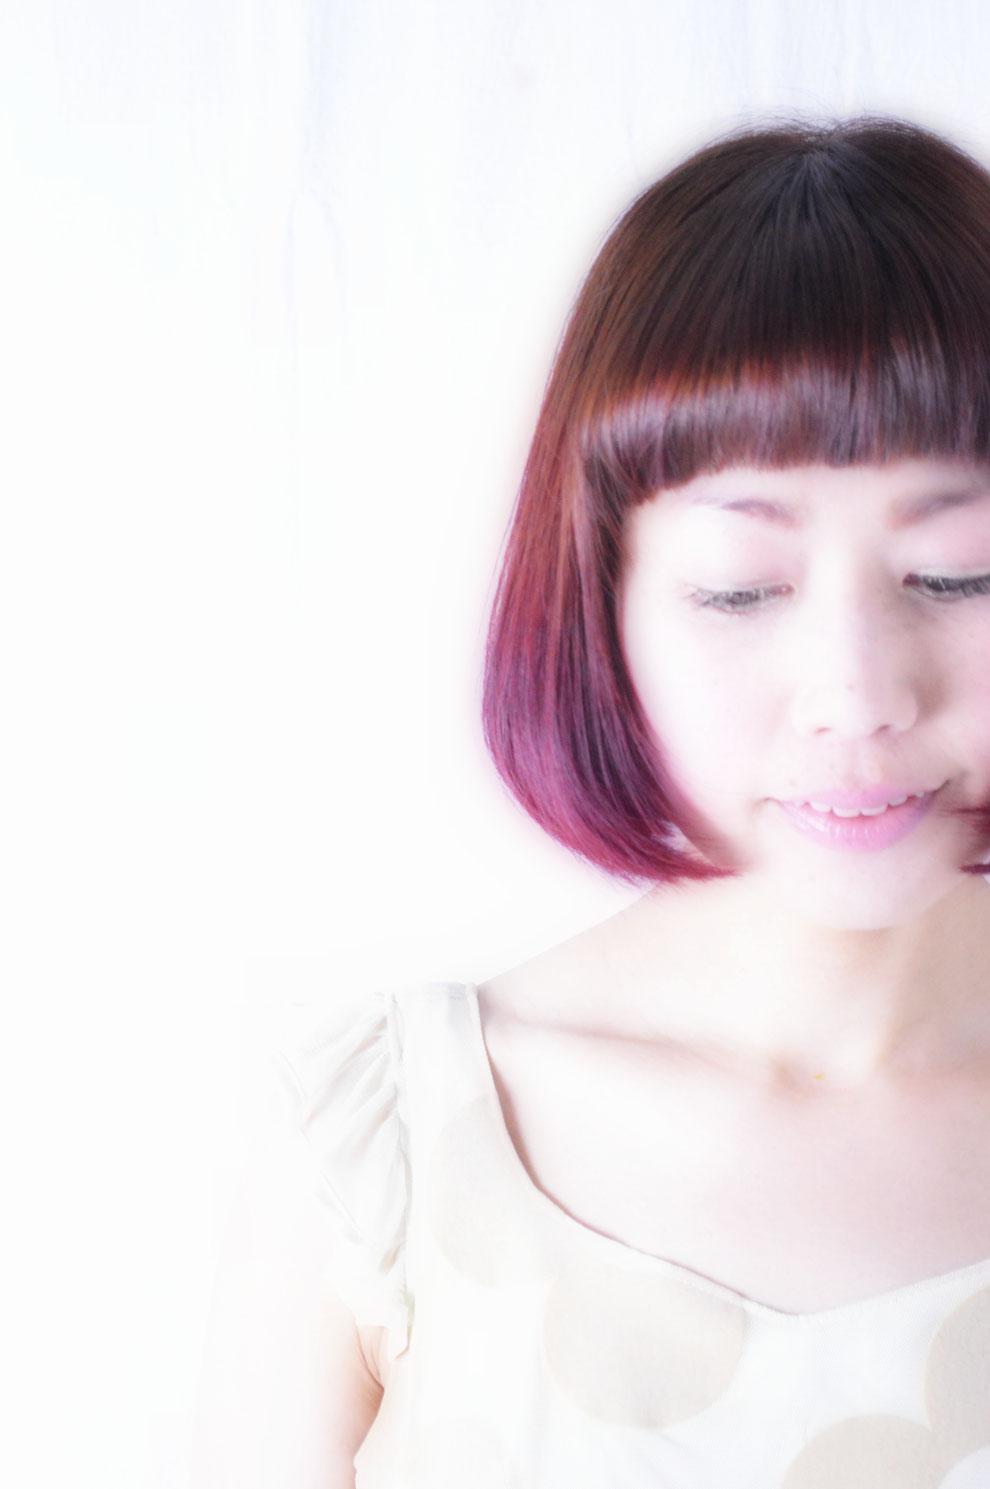 福岡平尾美容室 ヘアスタイル ヘアカラー